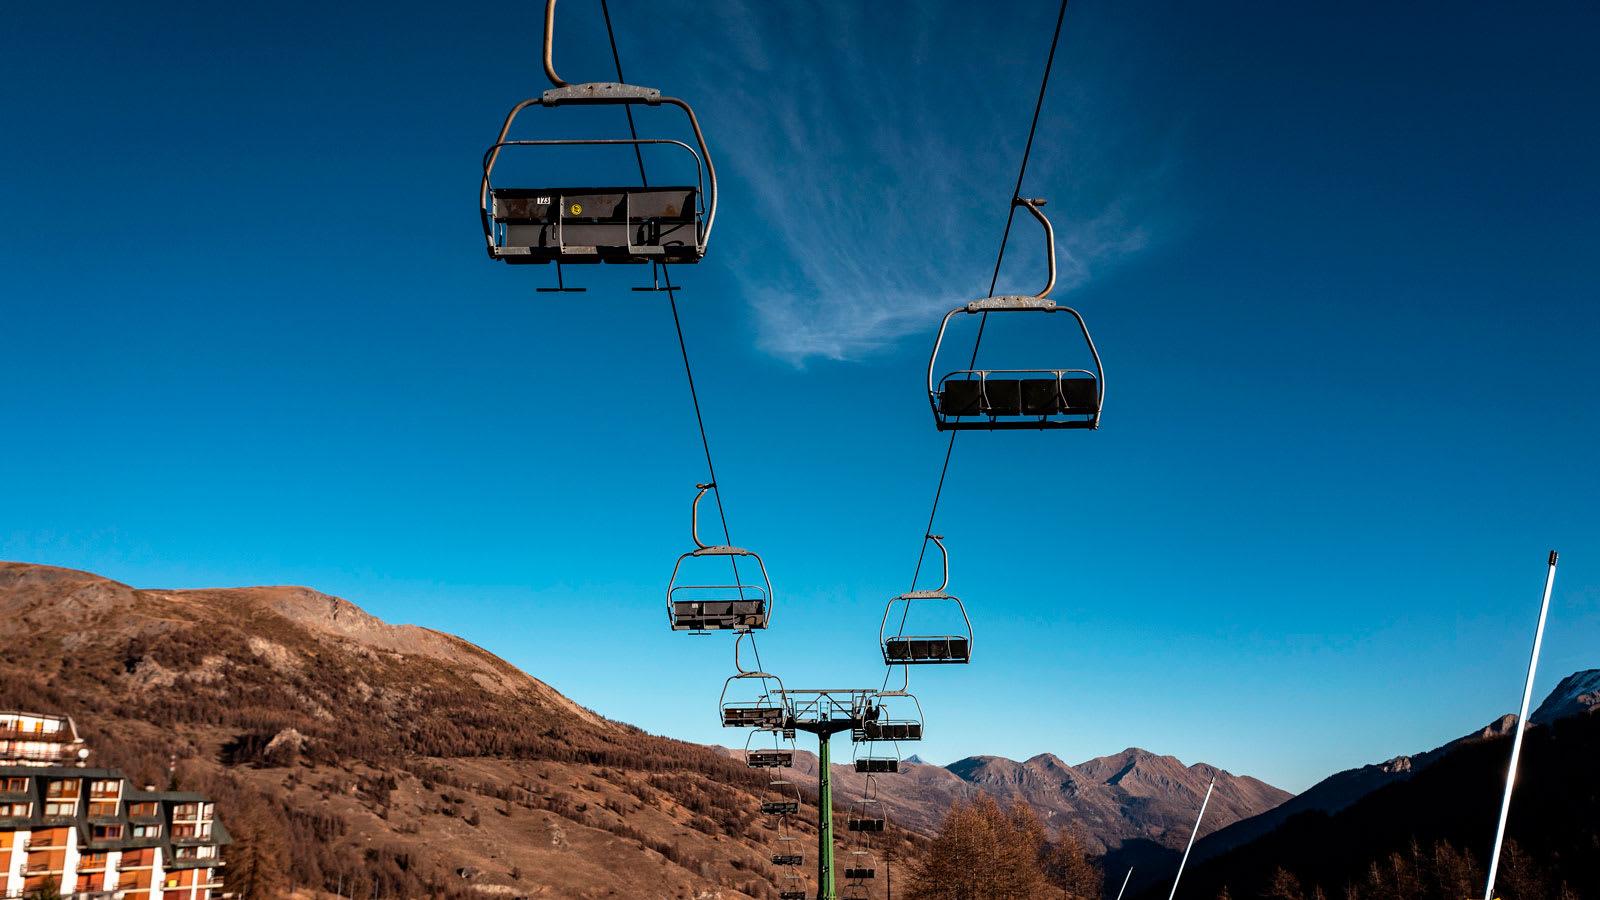 """منتجعات التزلج في أوروبا تشهد """"موسم من الجحيم"""" هذا الشتاء بسبب كورونا"""